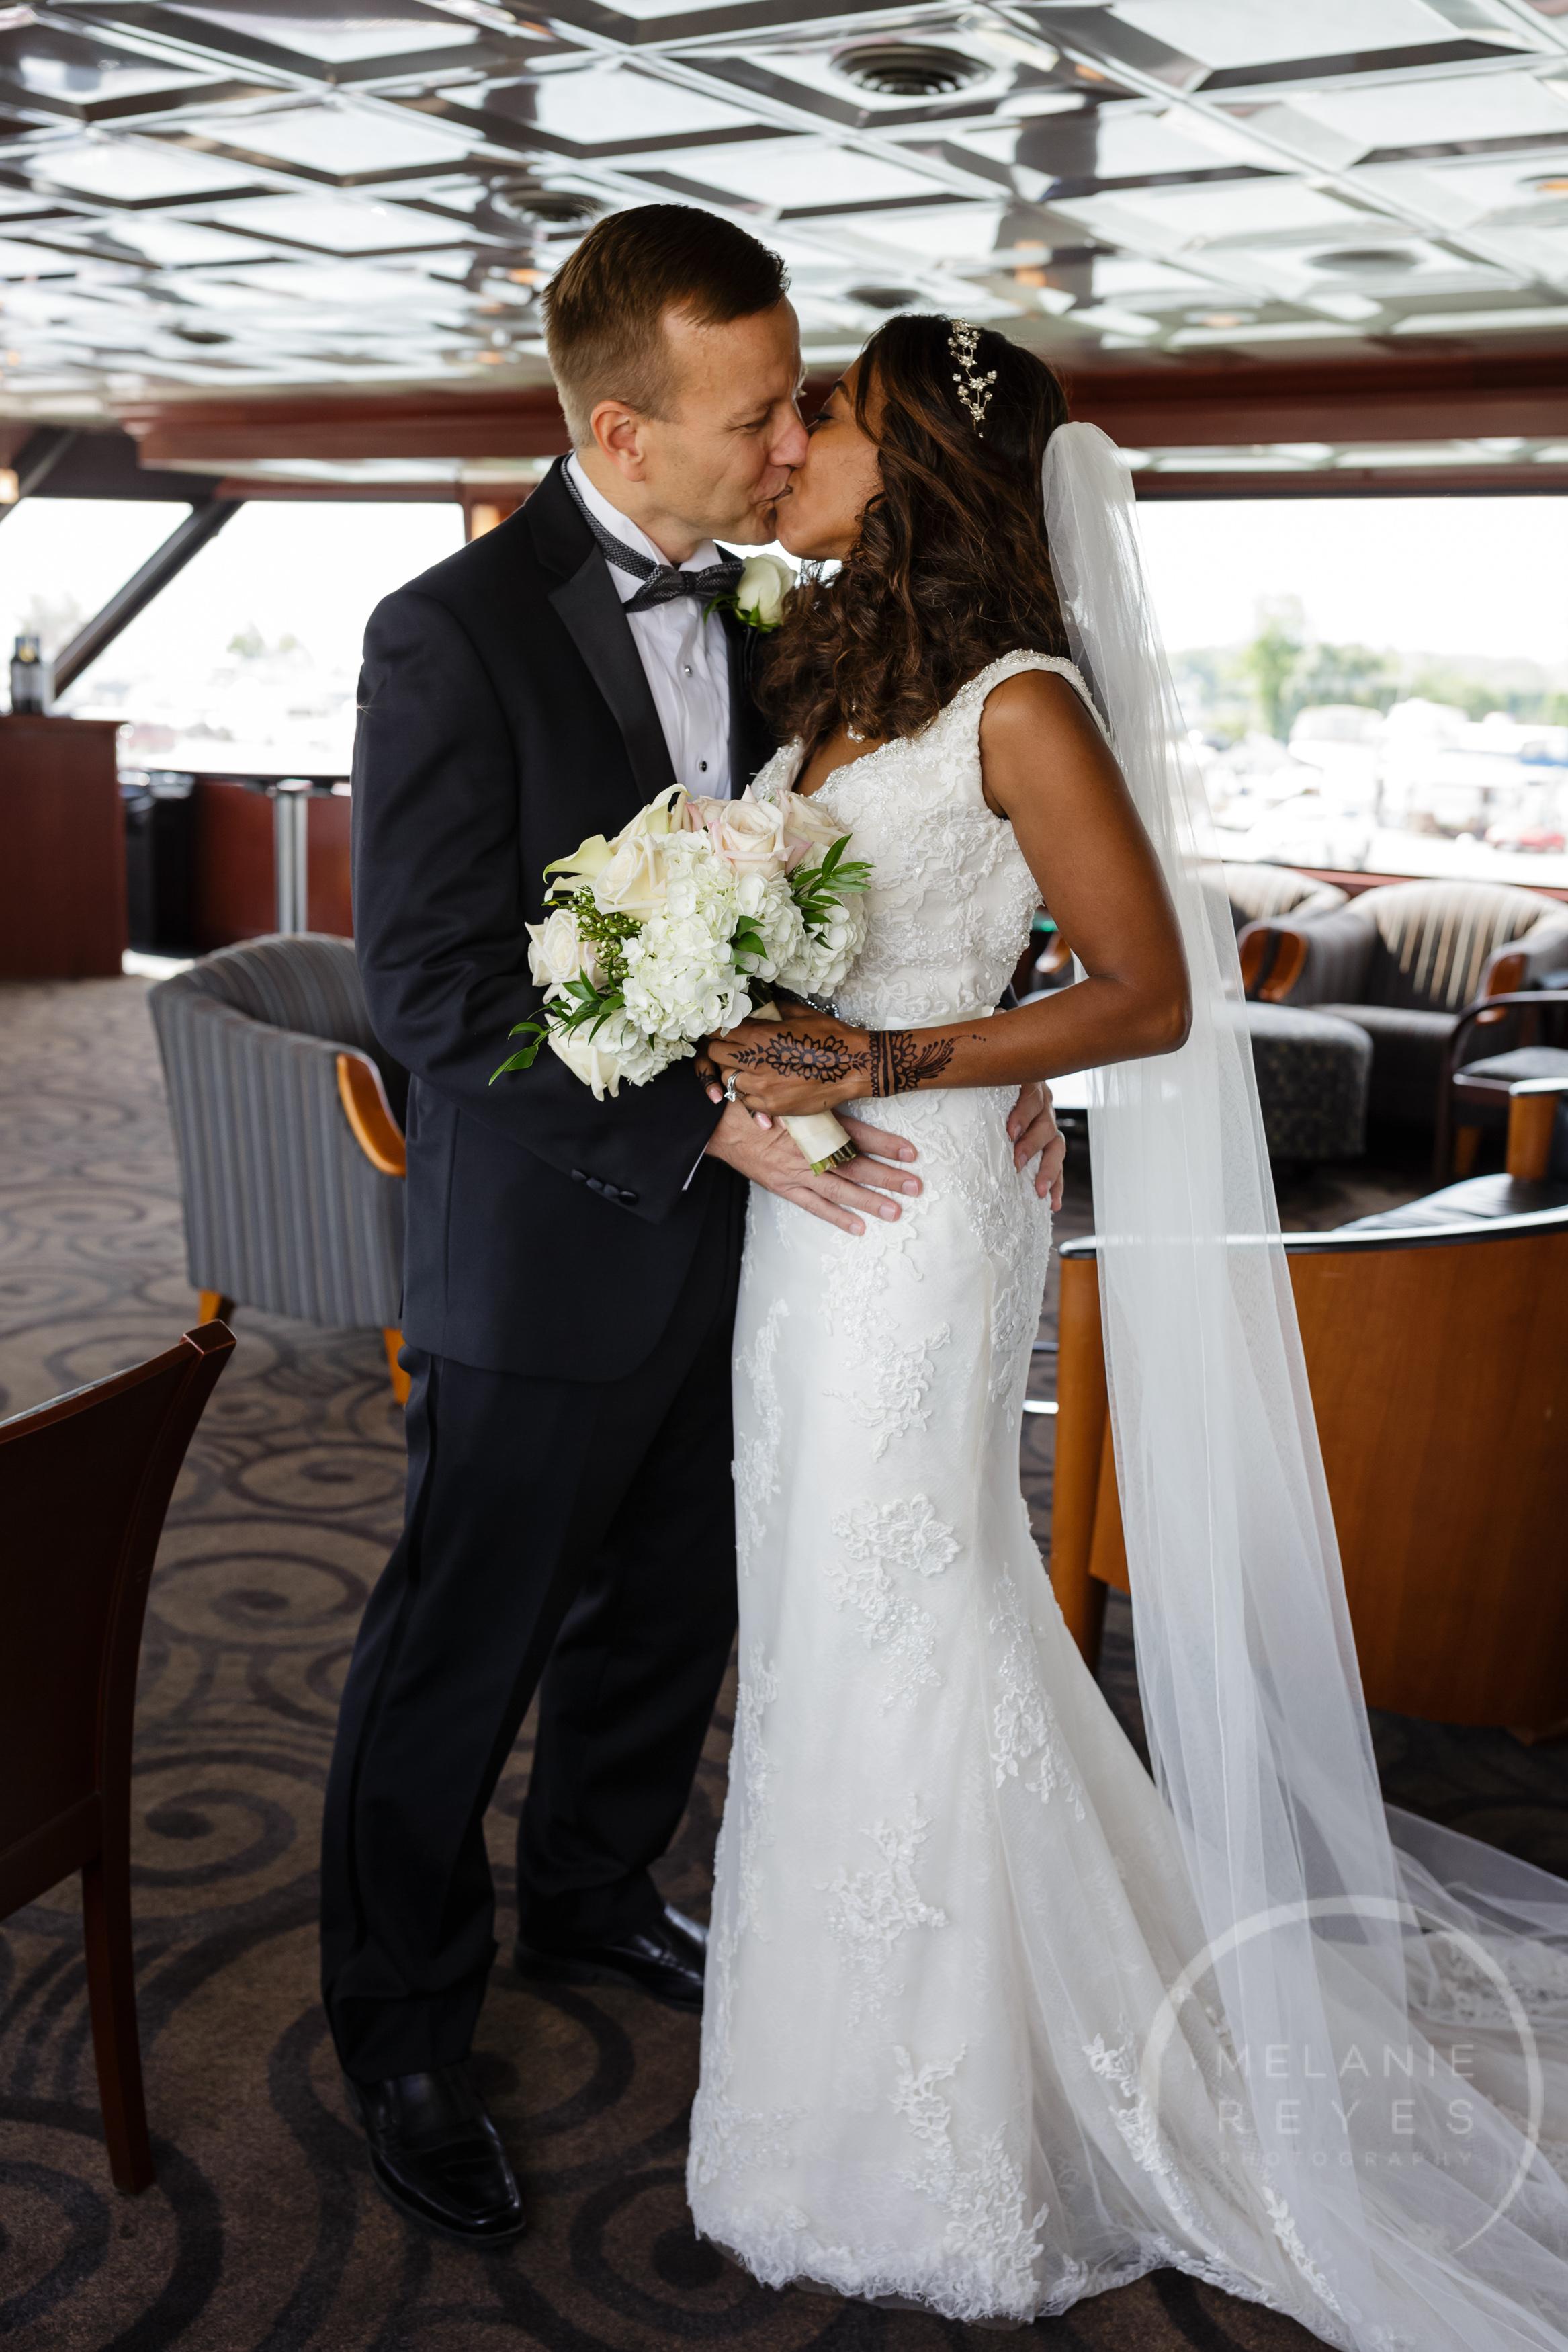 infinity_ovation_yacht_wedding_detroit_melaniereyes3.jpg